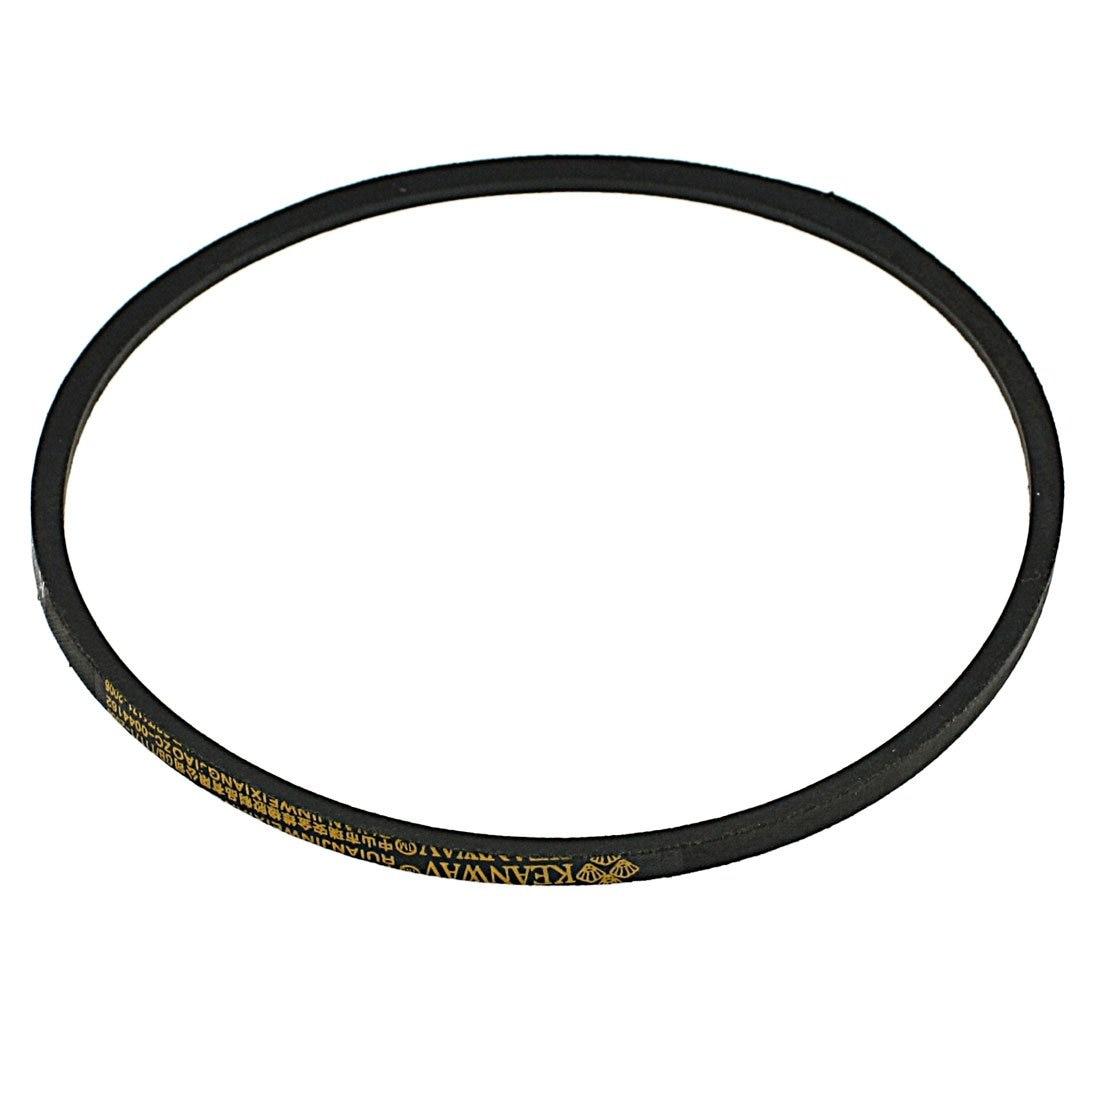 """PROMOTION! nouveau 5/16 """"x 26"""" industrie tondeuse à gazon en caoutchouc noir K Type Vee V ceinture K-26"""